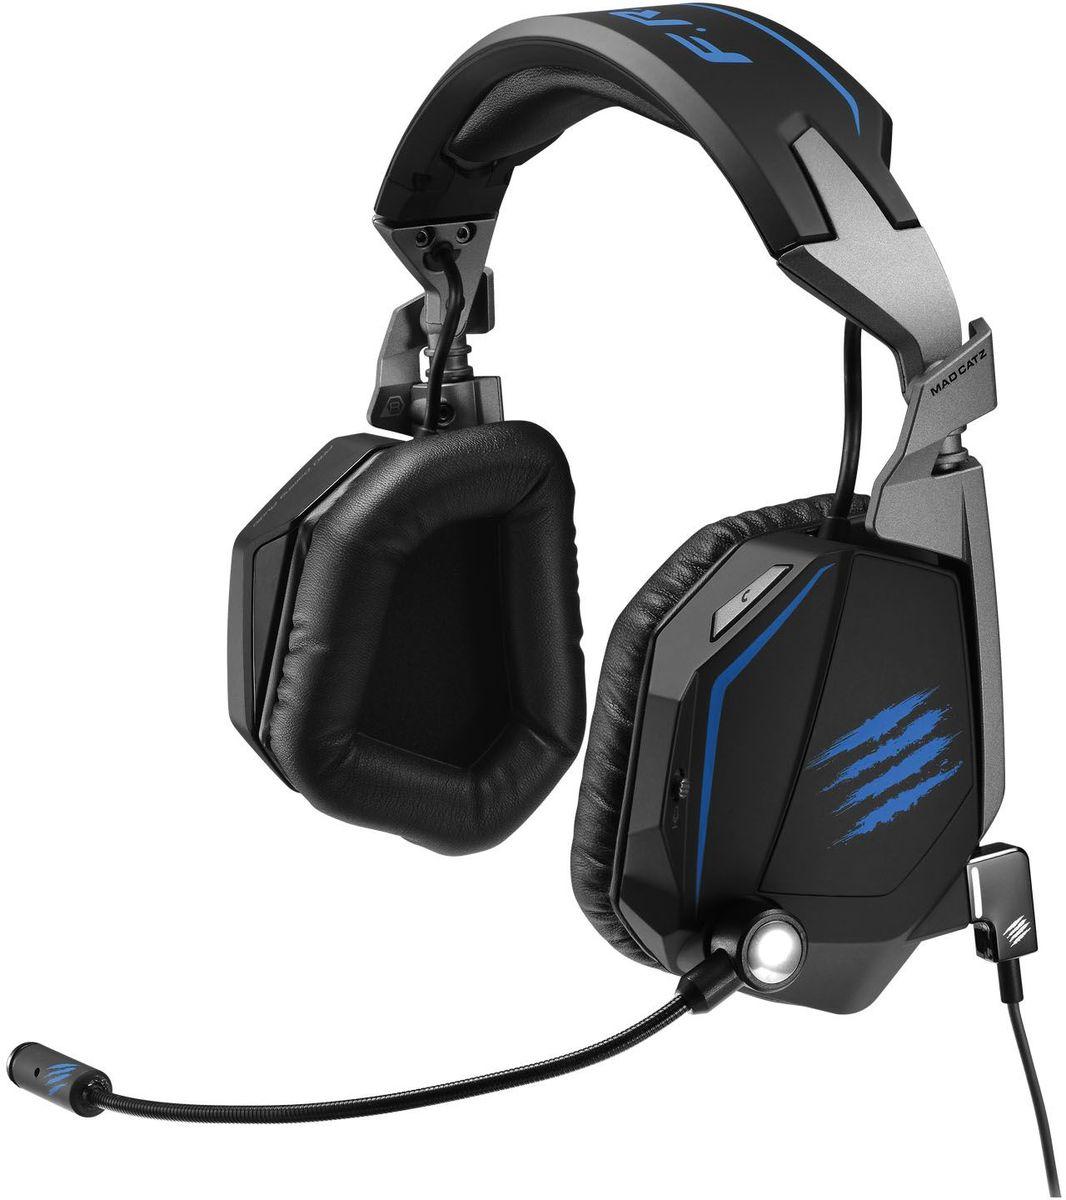 Mad Catz F.R.E.Q.ТЕ 7.1 Stereo Surround Headset игровые наушникиPCAmc59Mad Catz F.R.E.Q.ТЕ 7.1 имеет восьмиканальный звук киберспорт-класса. Детали, созданные, чтобы соответствовать требованиям турнирных игроков. Благодаря системе двойного микрофона с сетевыми настройками, гарнитура превратилась в идеального союзника на турнире независимо от того, в какой игре вы собираетесь одержать победу. Звук турнирного качества Настраиваемое программное обеспечение восьмиканального объемного звука задает профили эквалайзера для игр, фильмов и музыки. Система двойного микрофона для безупречной связи с вашей командой Направленные звуковые сигналы повышают эффективность игры Комфортные амбушюры из мягкого пенного материала с эффектом 3D памяти для лучшего шумоподавления Успех в LAN –турнирах часто зависит от возможности общаться со своей командой. Гарнитура Mad Catz F.R.E.Q.ТЕ 7.1 оснащена двумя микрофонами, которые, работая в тандеме, максимально снижают уровень помех и внешнего шума. Подвижный, гибкий и однонаправленный...